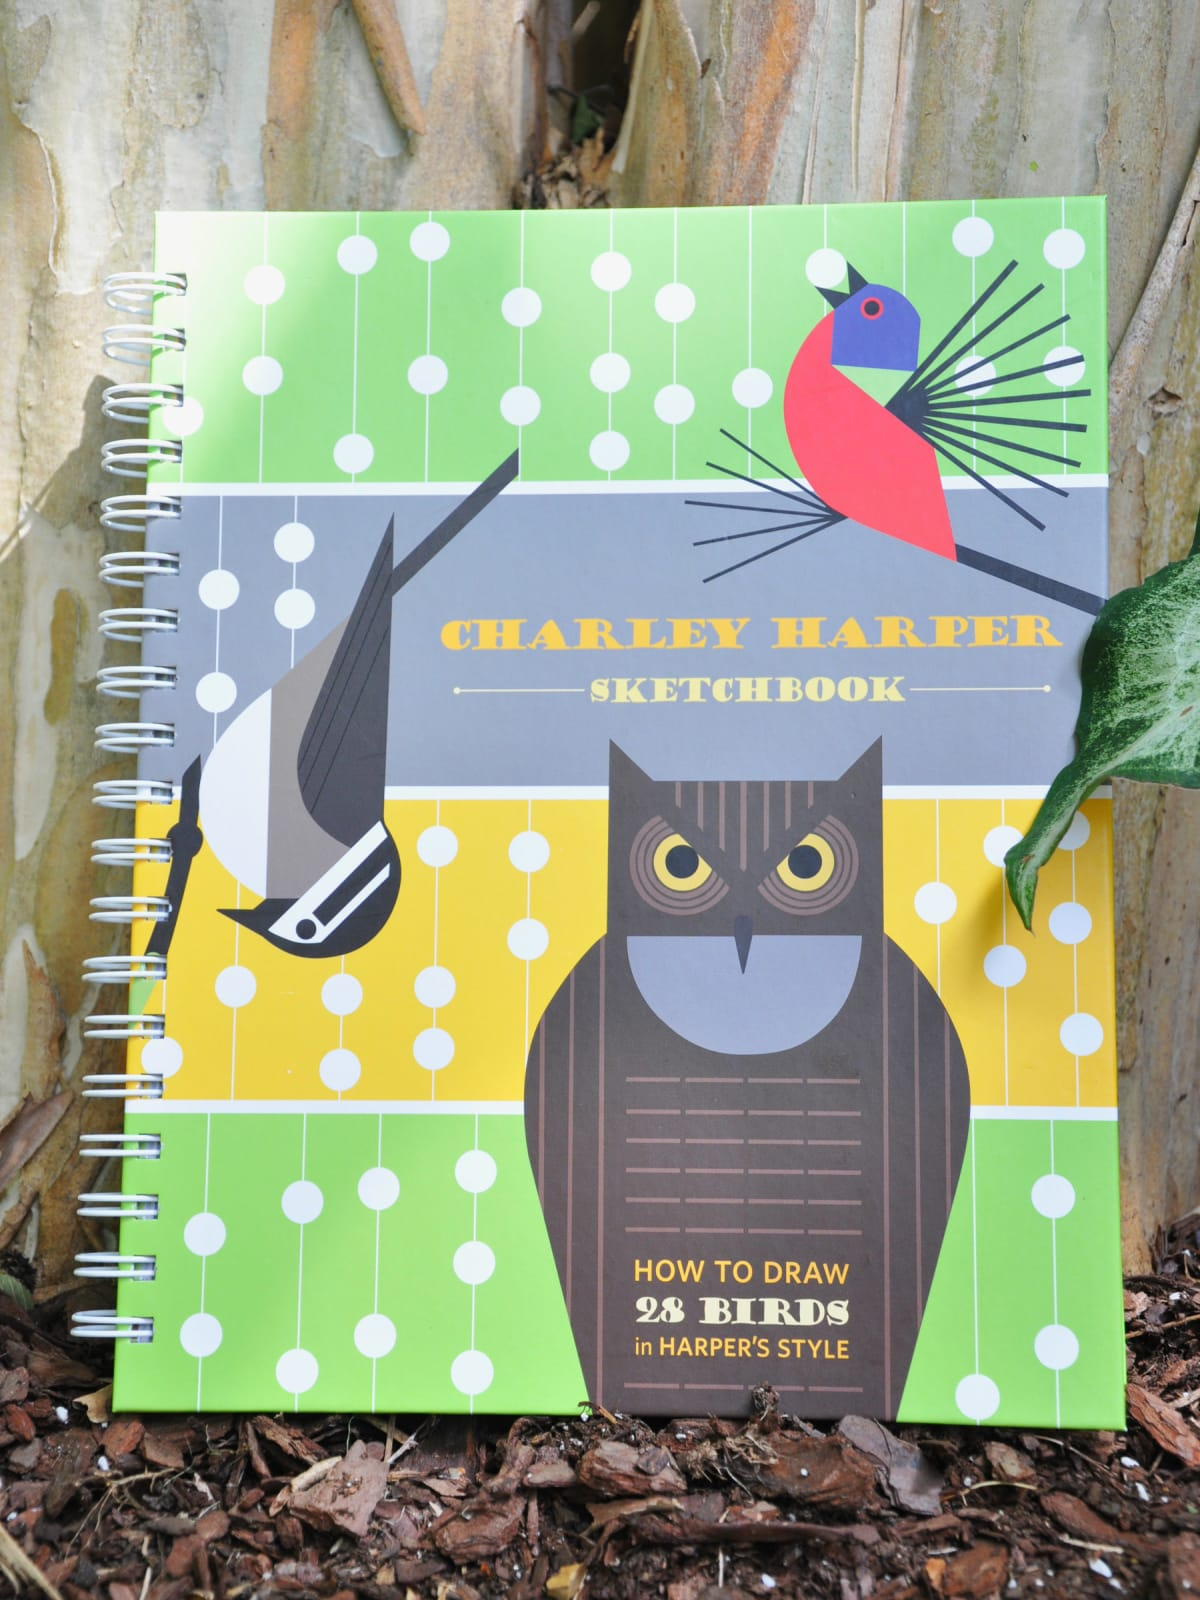 Charley Harper sketchbook